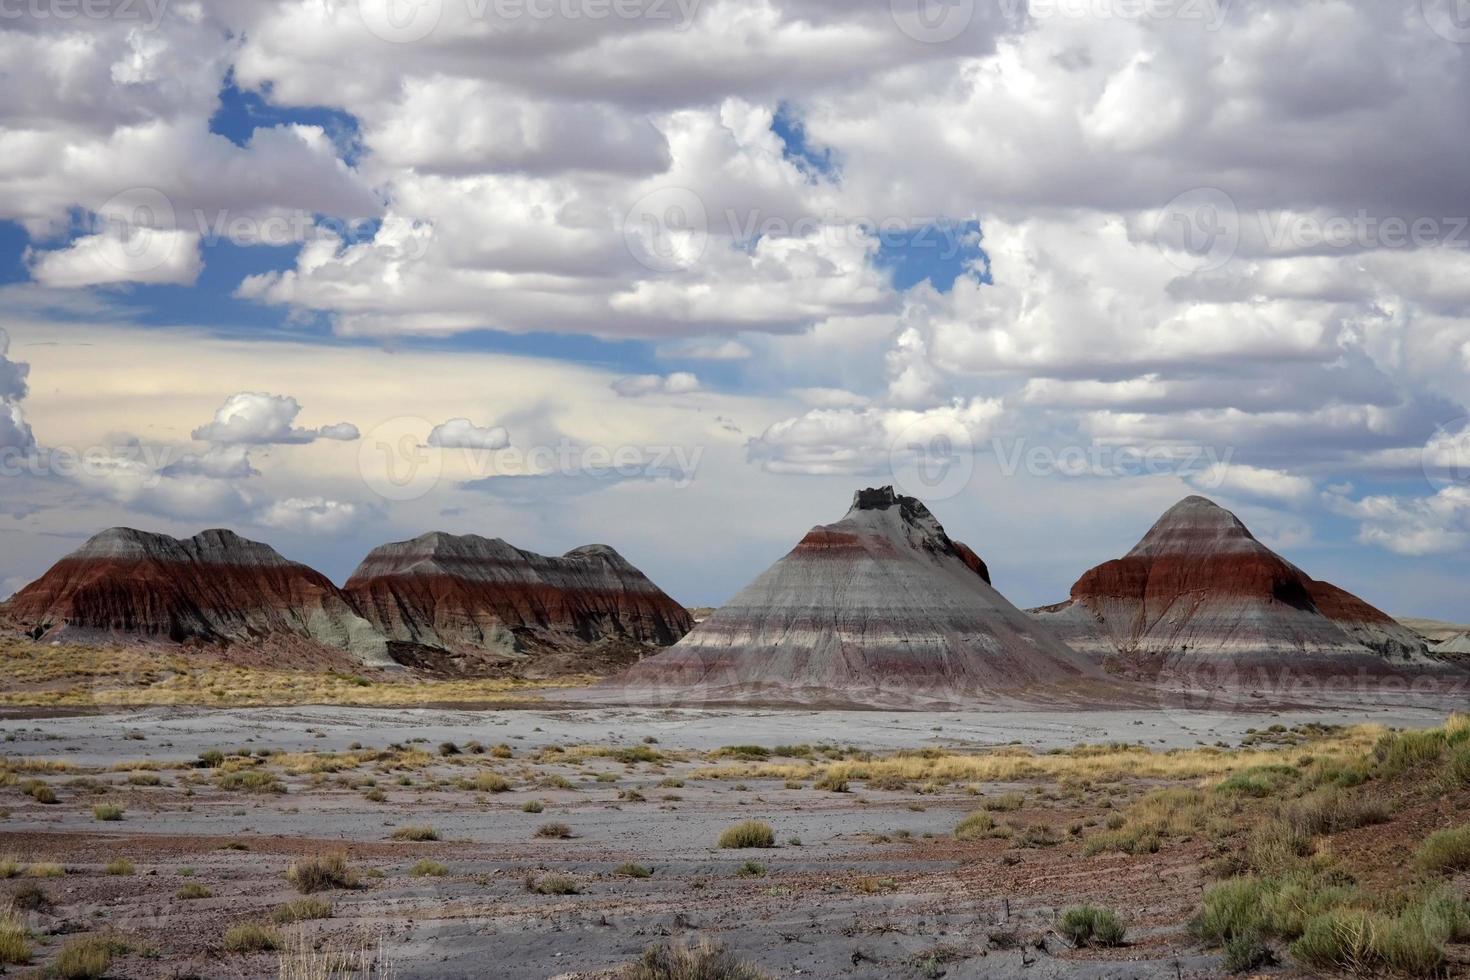 desierto pintado foto